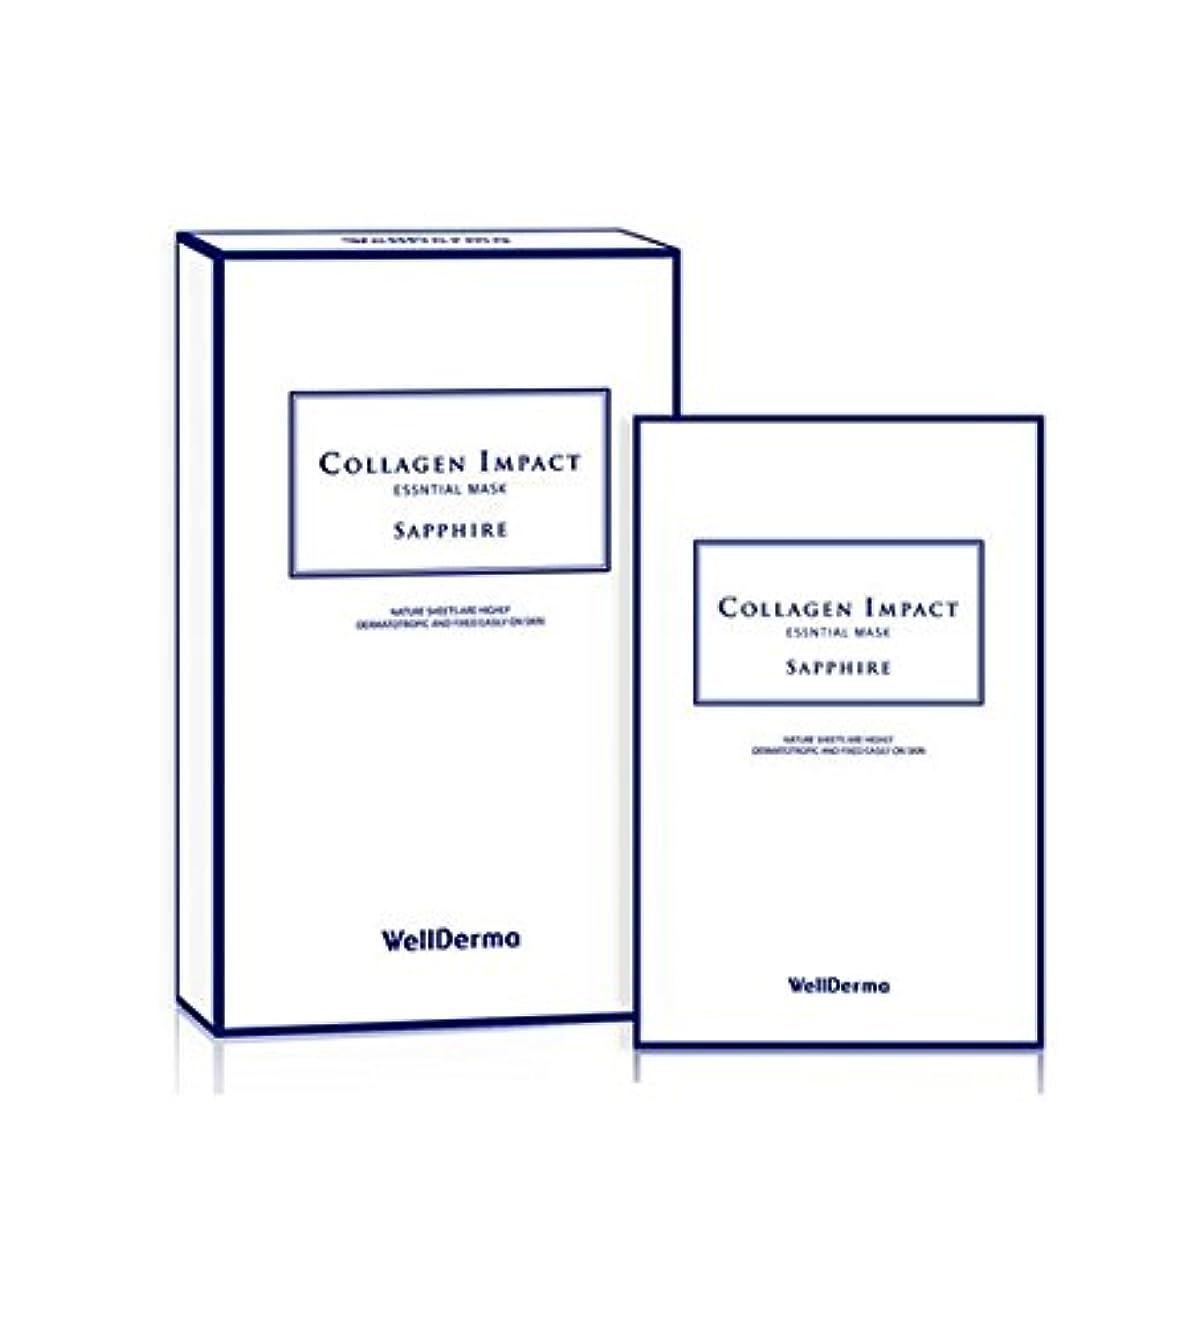 ステージベッツィトロットウッド責めるウェルダーマ コラーゲンインパクトエッセンシャルマスクサファイア (10枚入) / Wellderma collagen impact essential mask sapphire [並行輸入品]